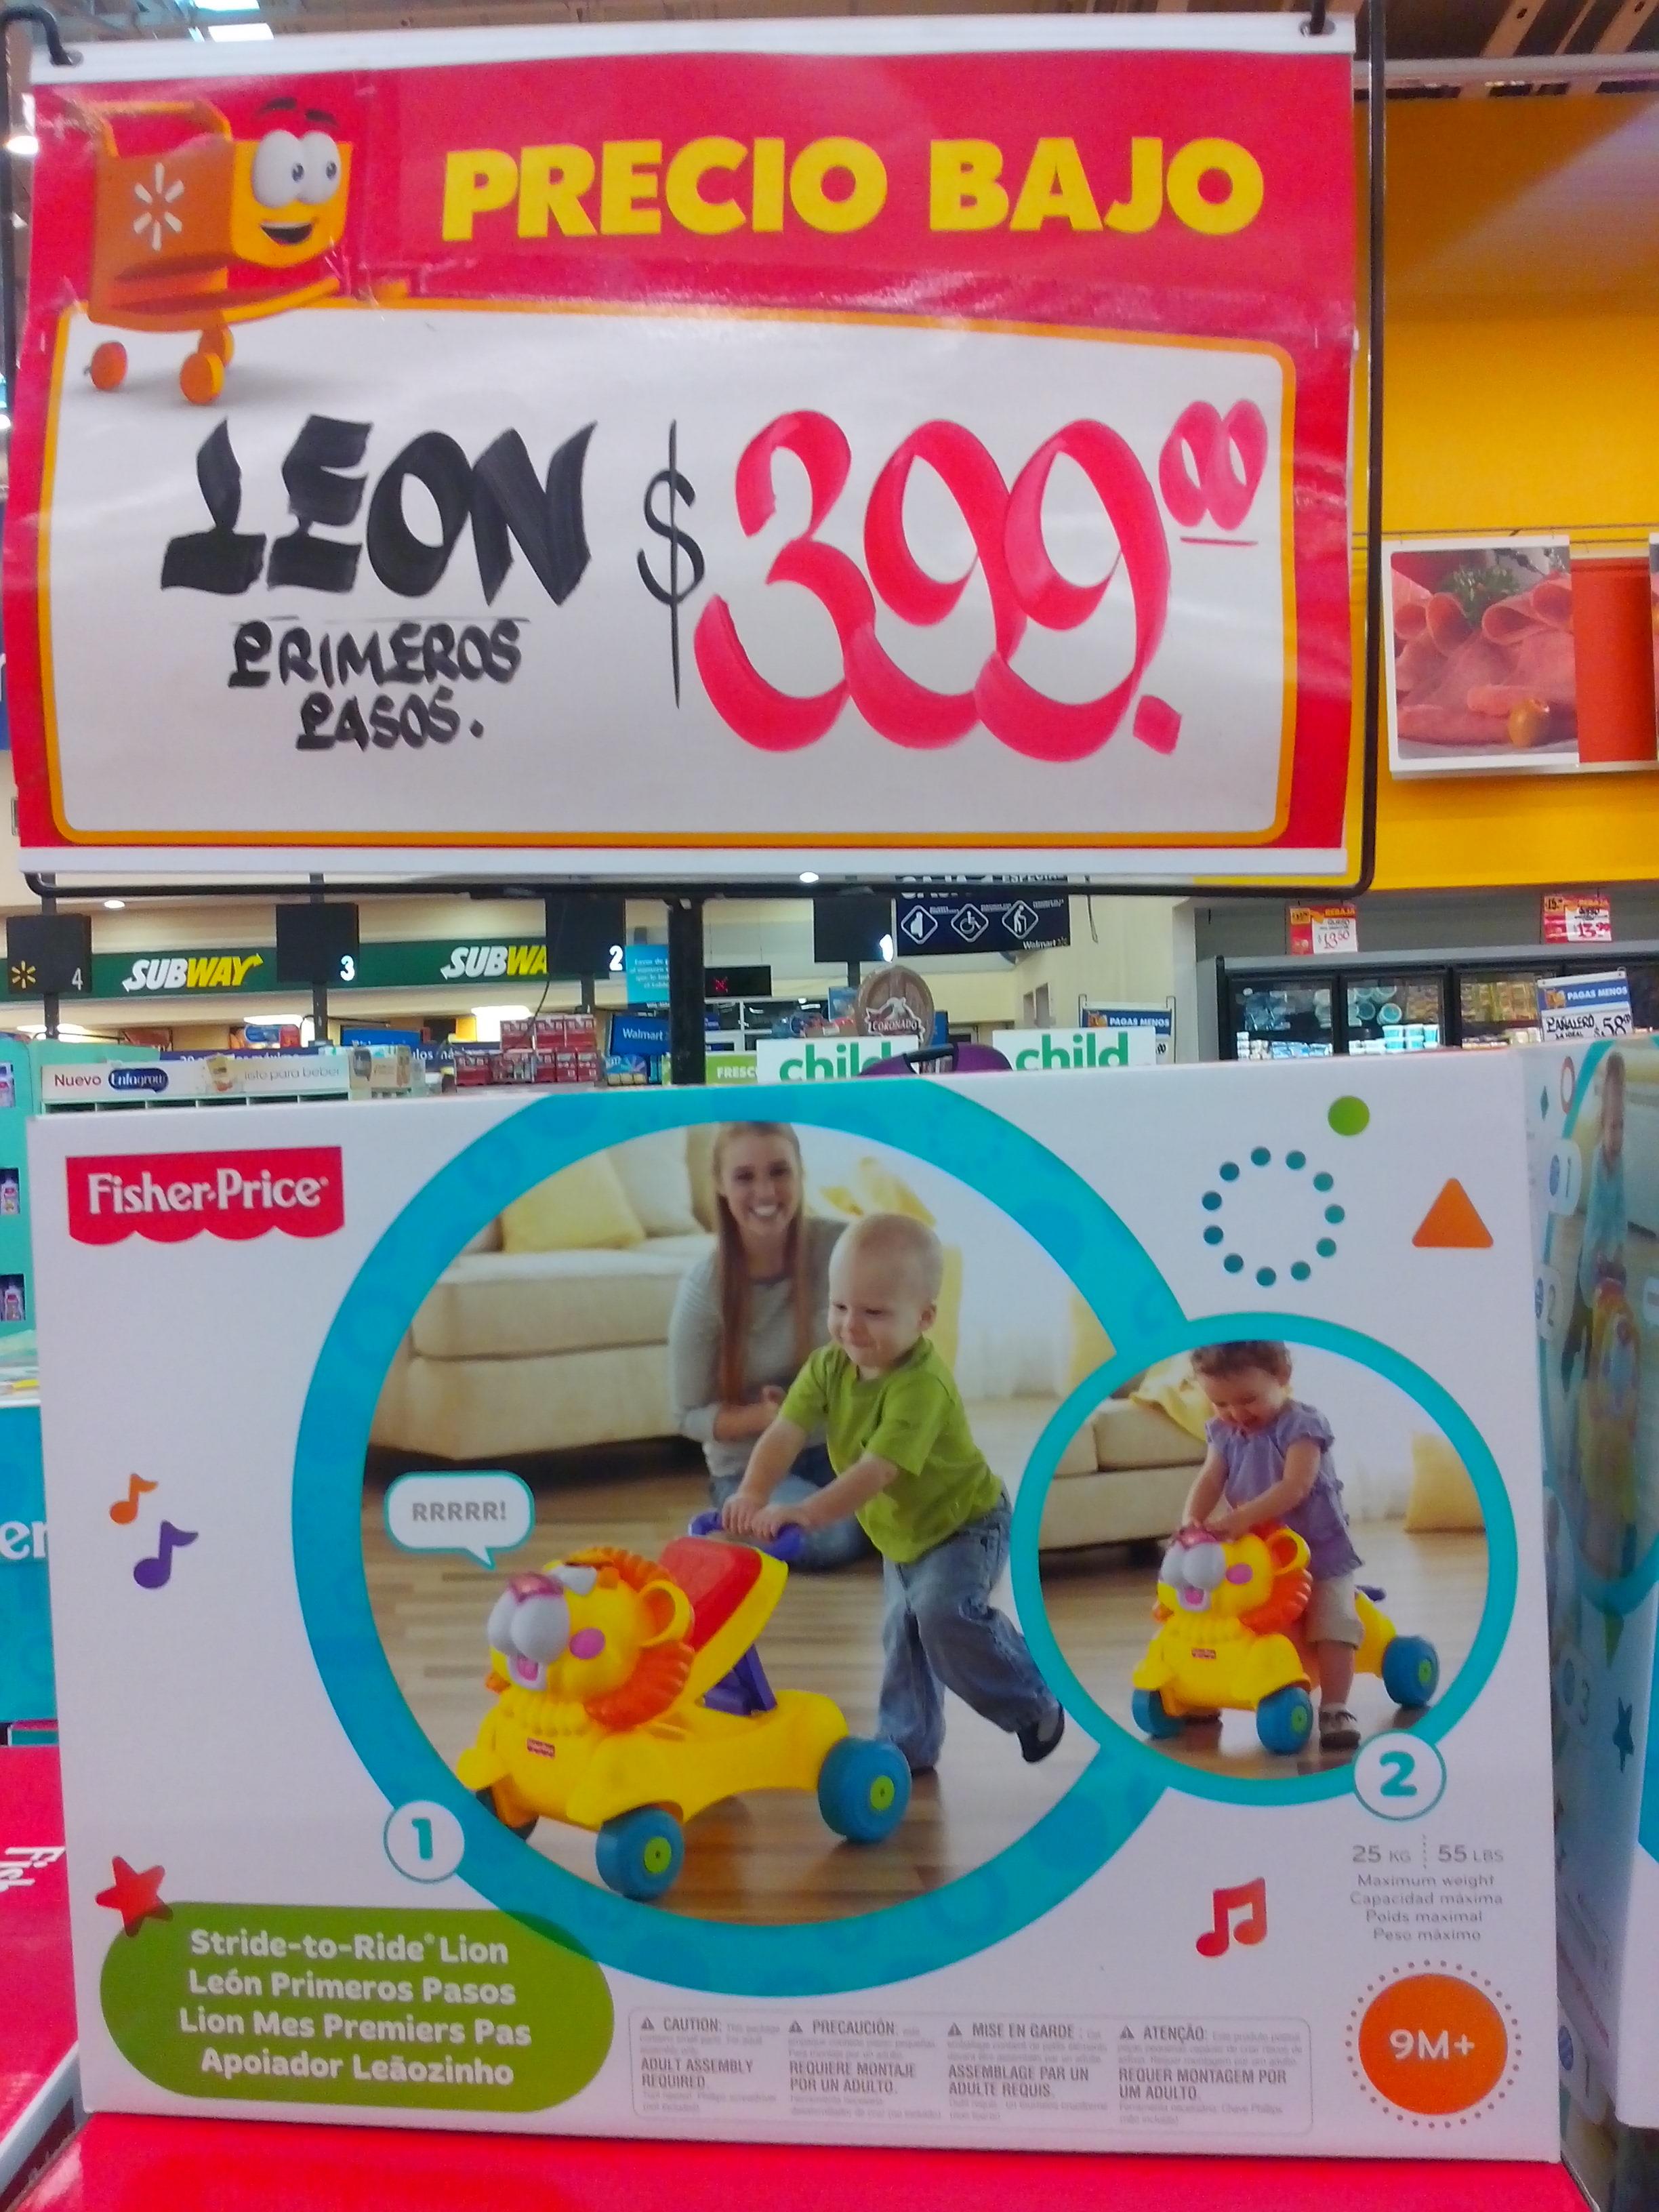 Walmart: León primeros pasos Fisher-Price a $399 y sandalias, corpiño brasier y paquete de 2 pantaletitas $30.02 cada uno